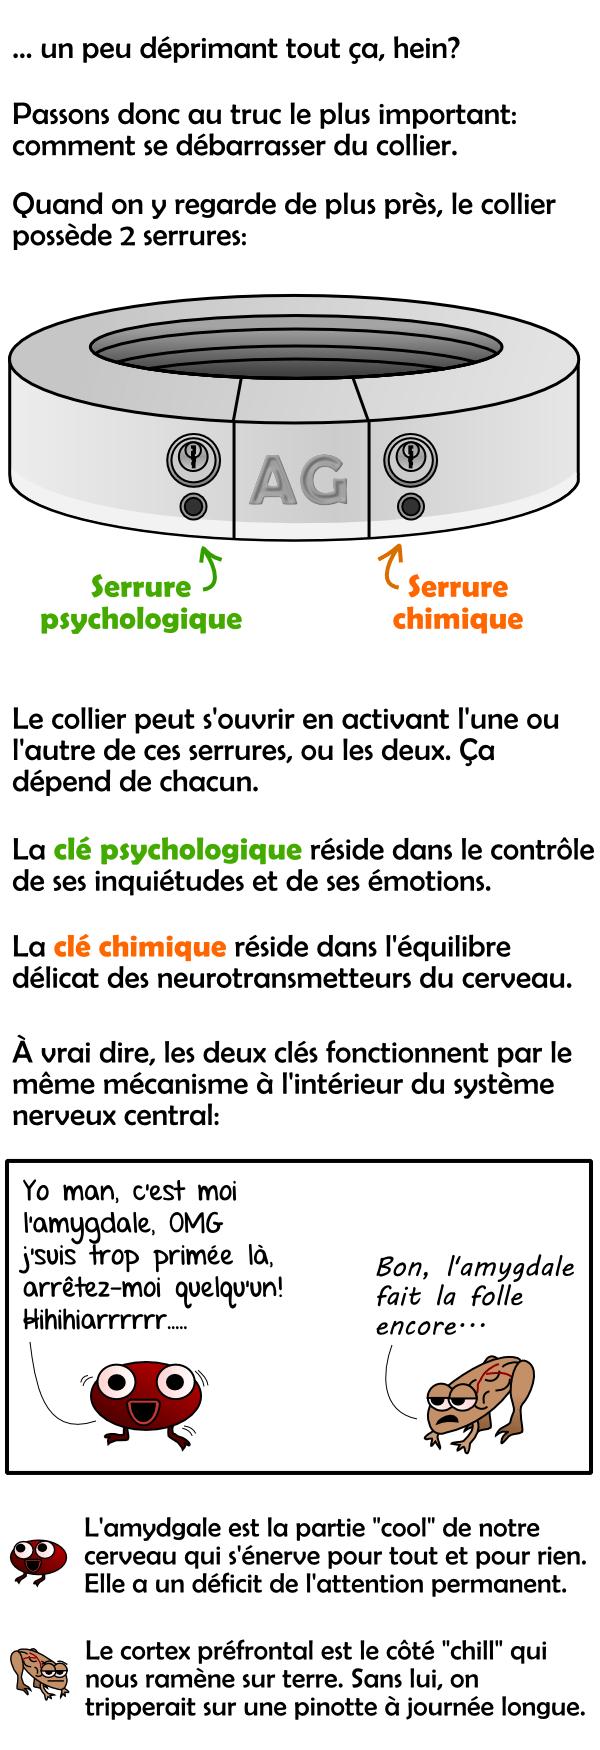 Les serrures psychologique et chimique du collier de métal et intro sur l'amygdale et le cortex préfrontal